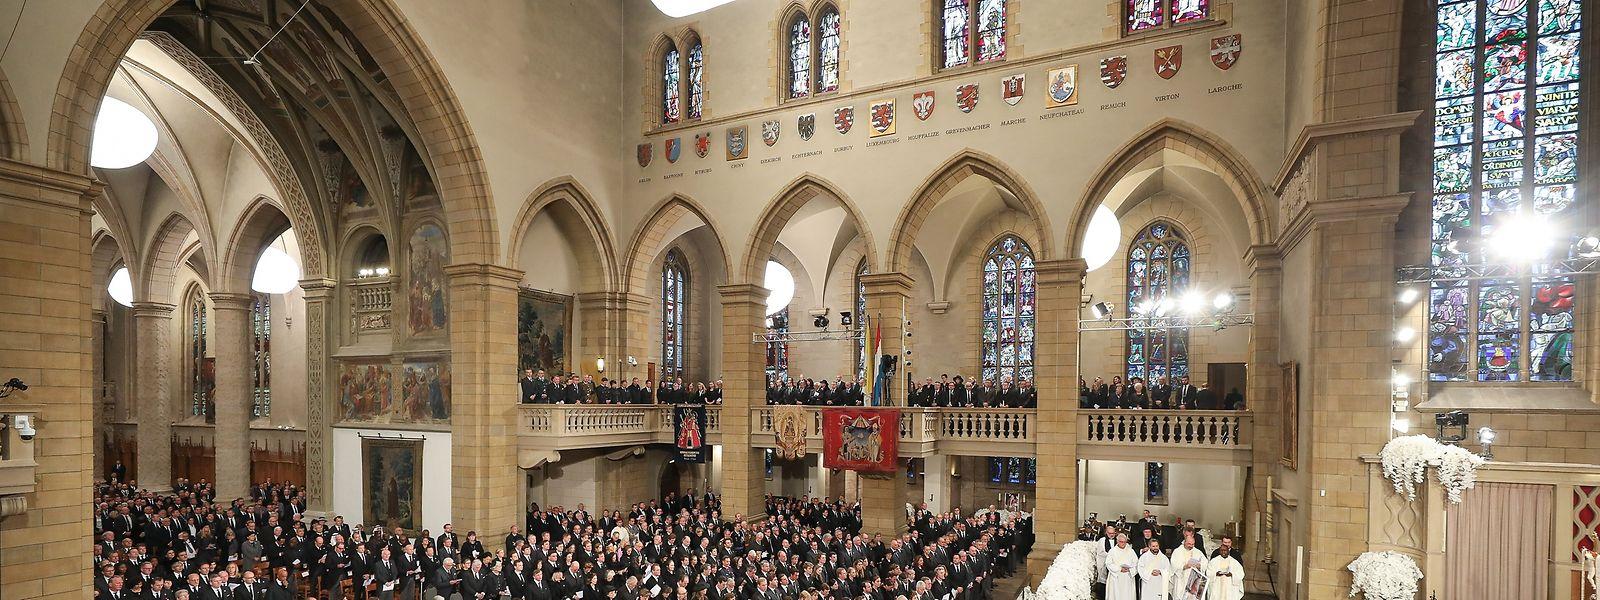 1400 Trauergäste haben sich für das Begräbnis von Grand-Duc Jean in der Kathedrale Notre-Dame versammelt.